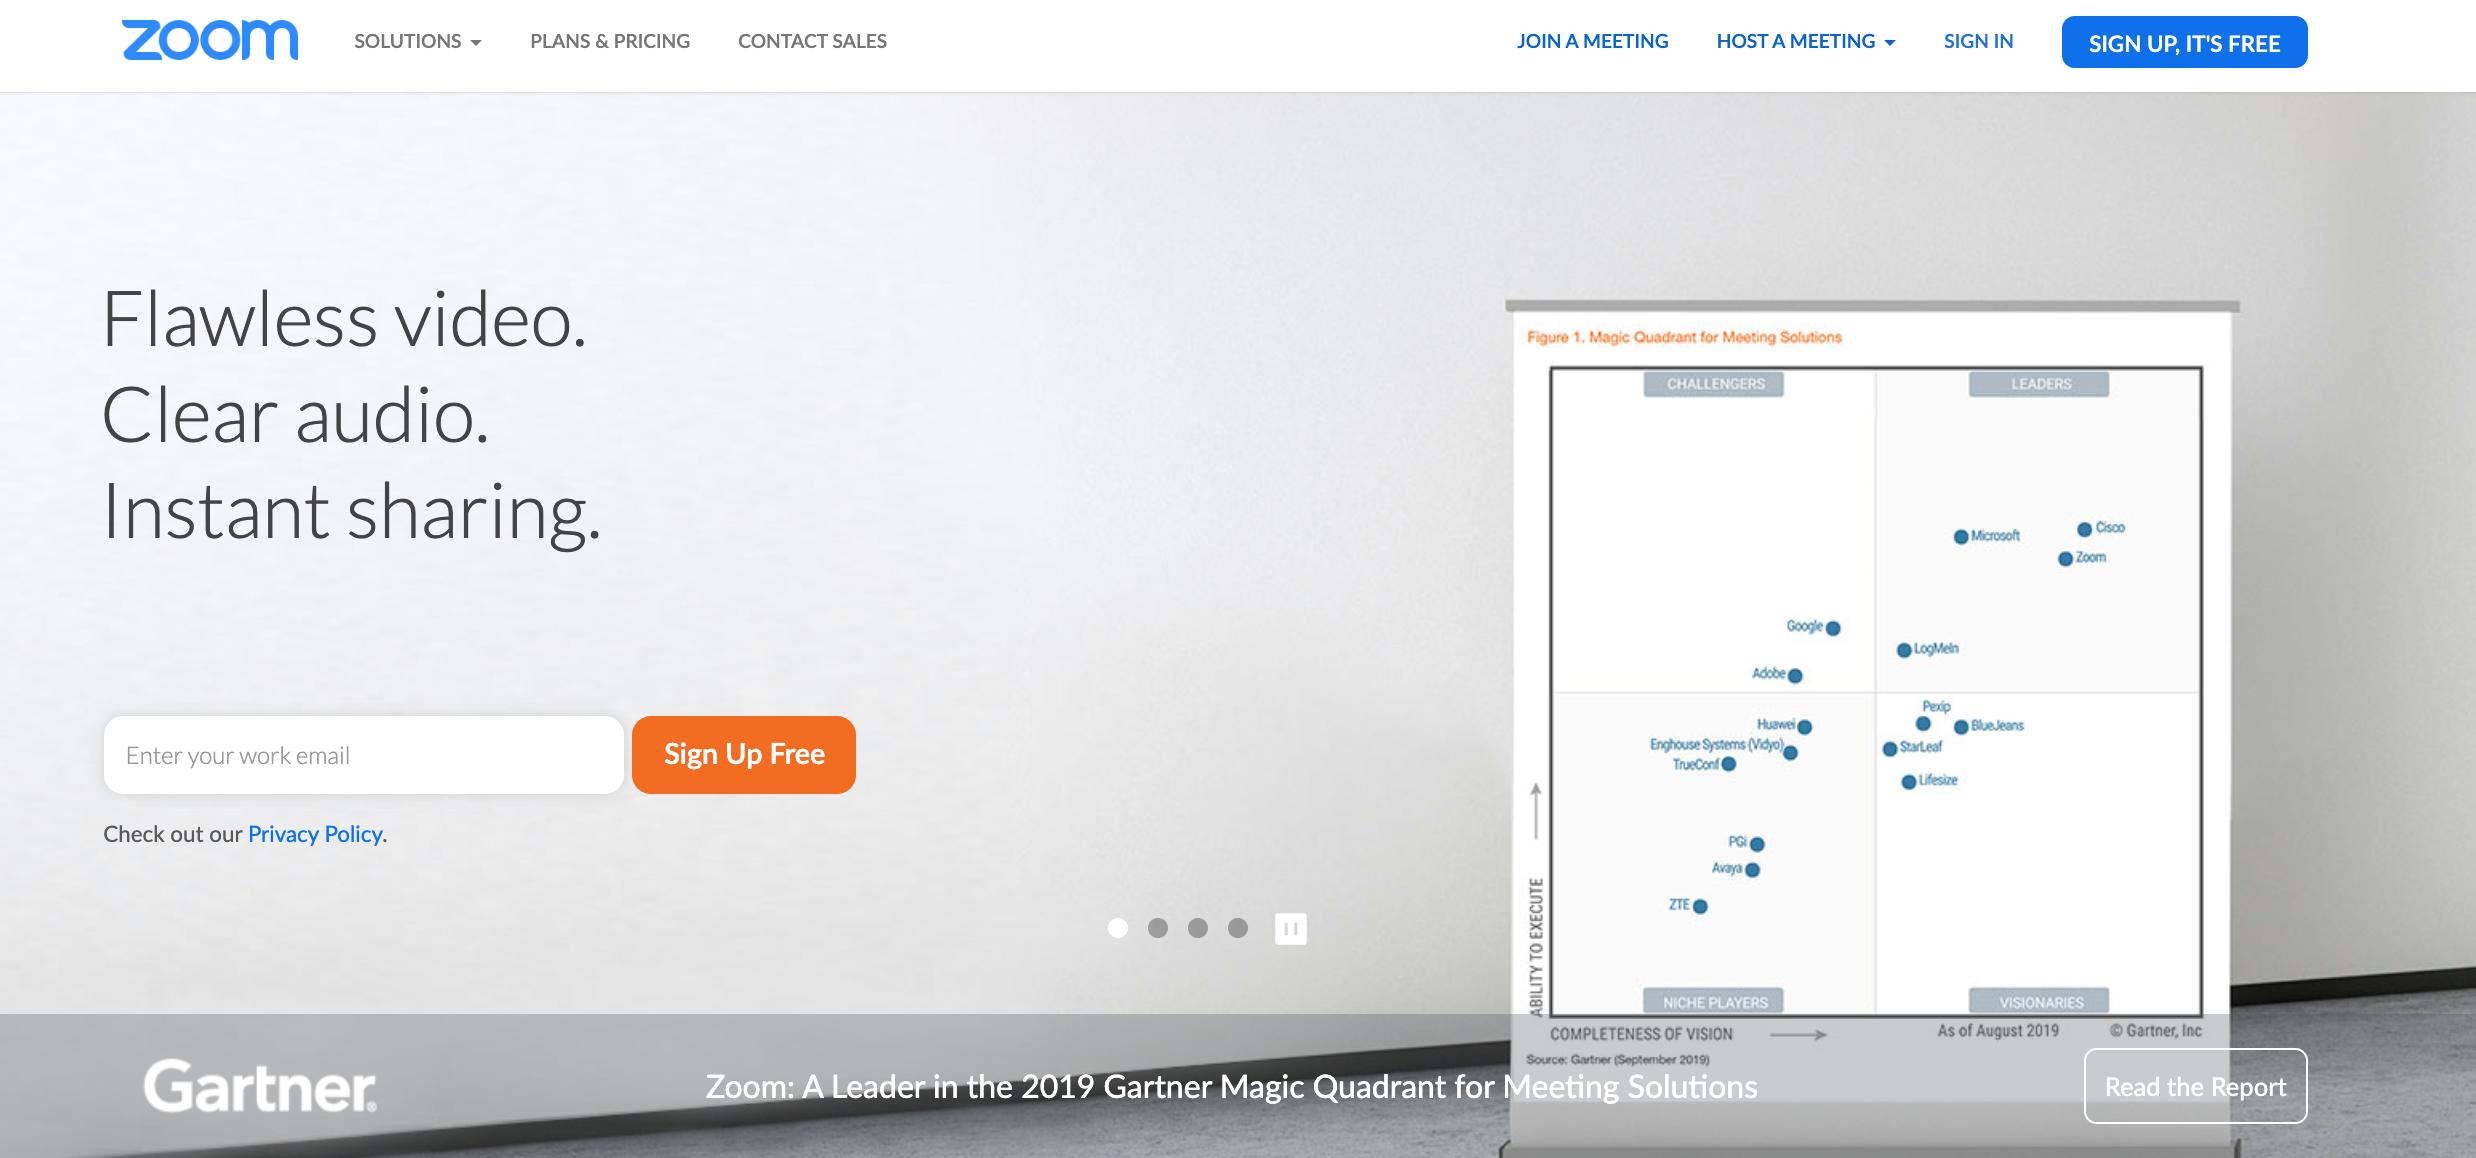 Zoom- Webinar & Video Conferencing